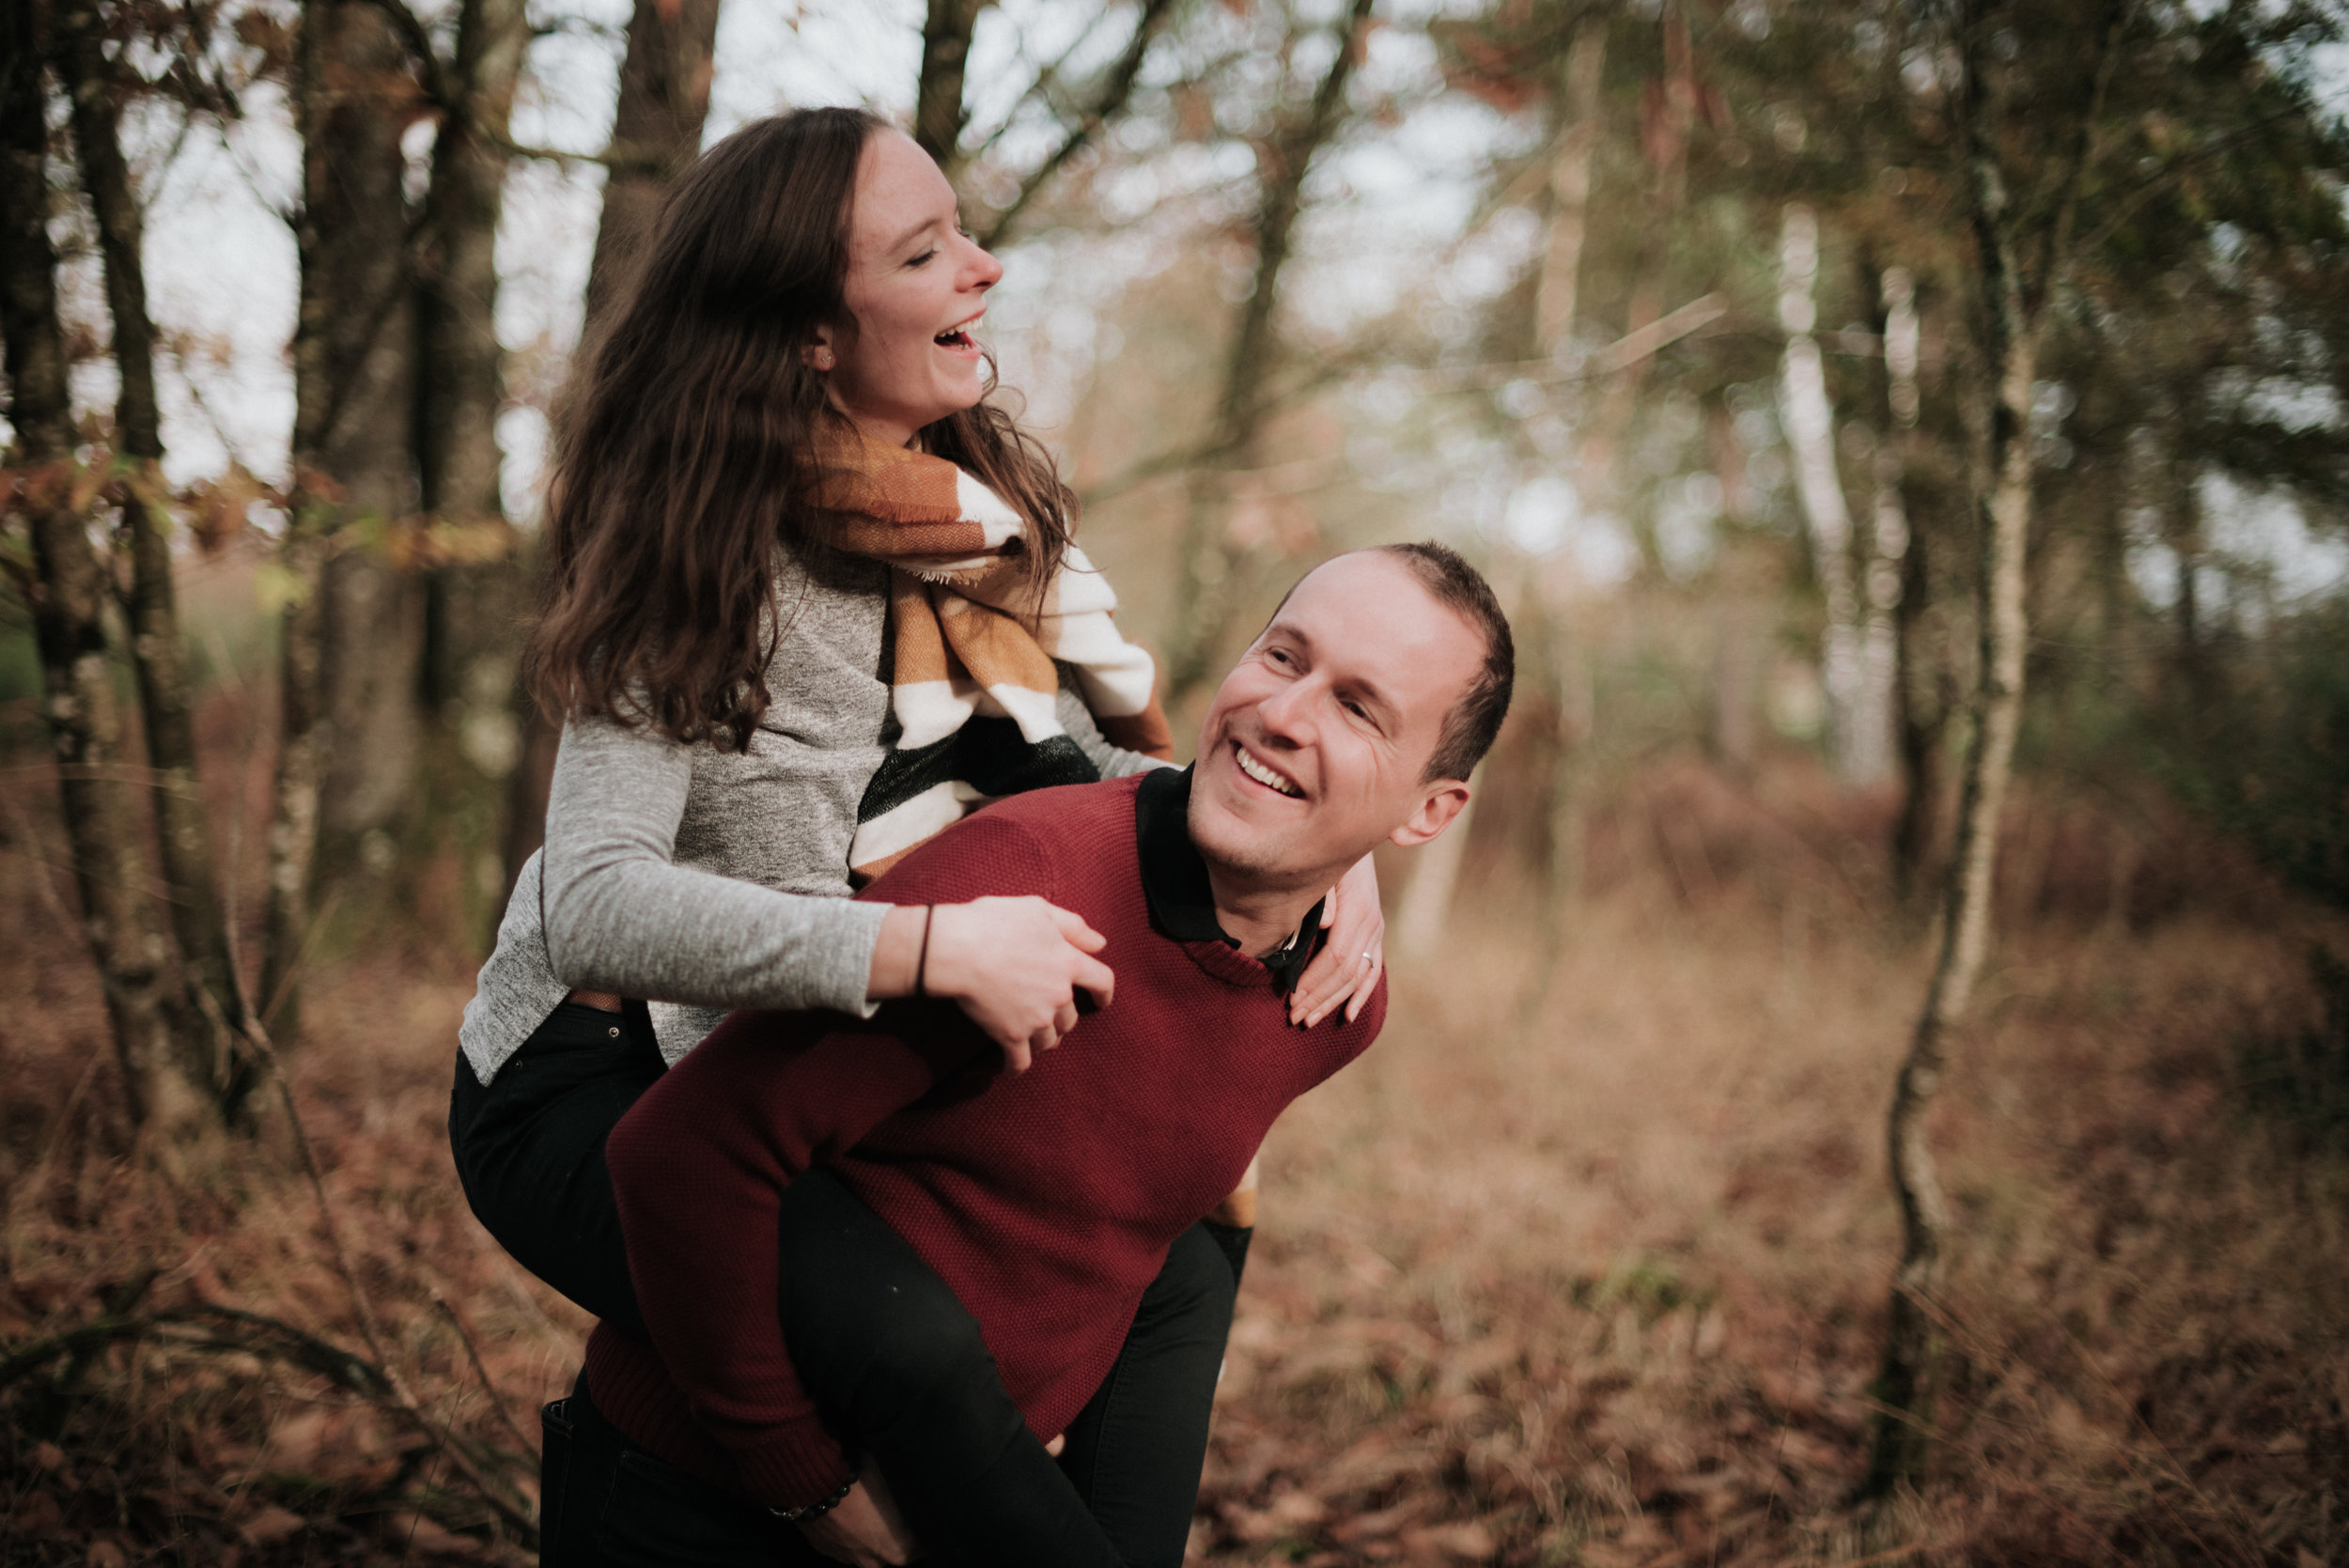 Léa-Fery-photographe-professionnel-lyon-rhone-alpes-portrait-creation-mariage-evenement-evenementiel-famille-5719.jpg